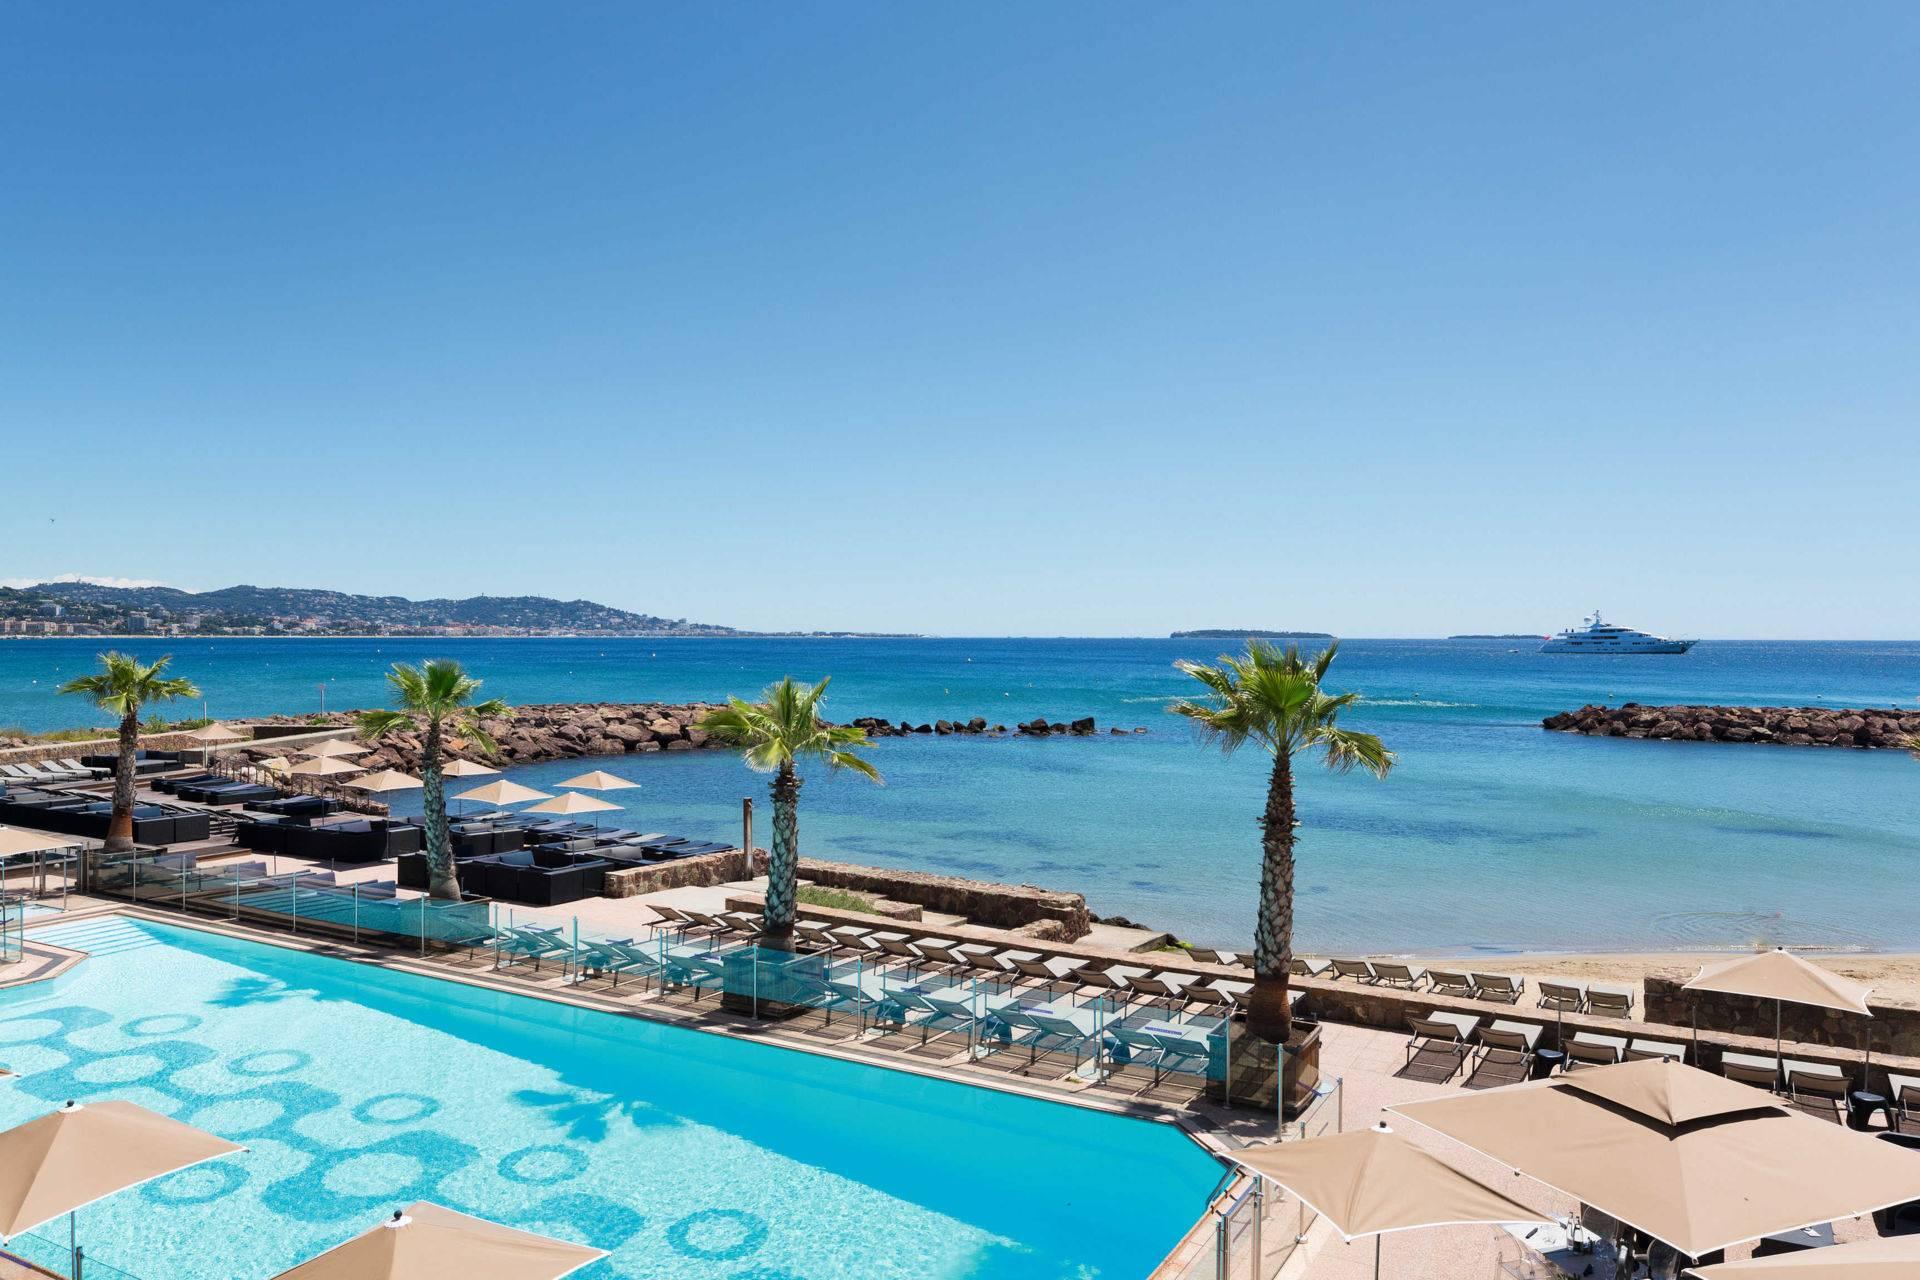 Piscine vue mer Cannes casino JOA